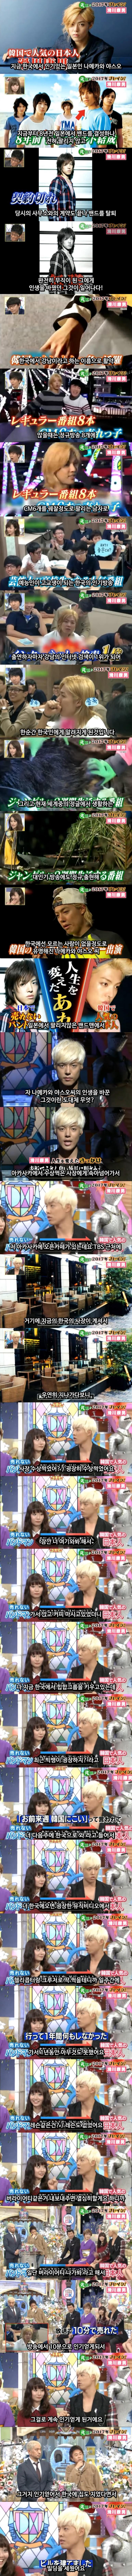 일본 진출한 강남 근황.tv